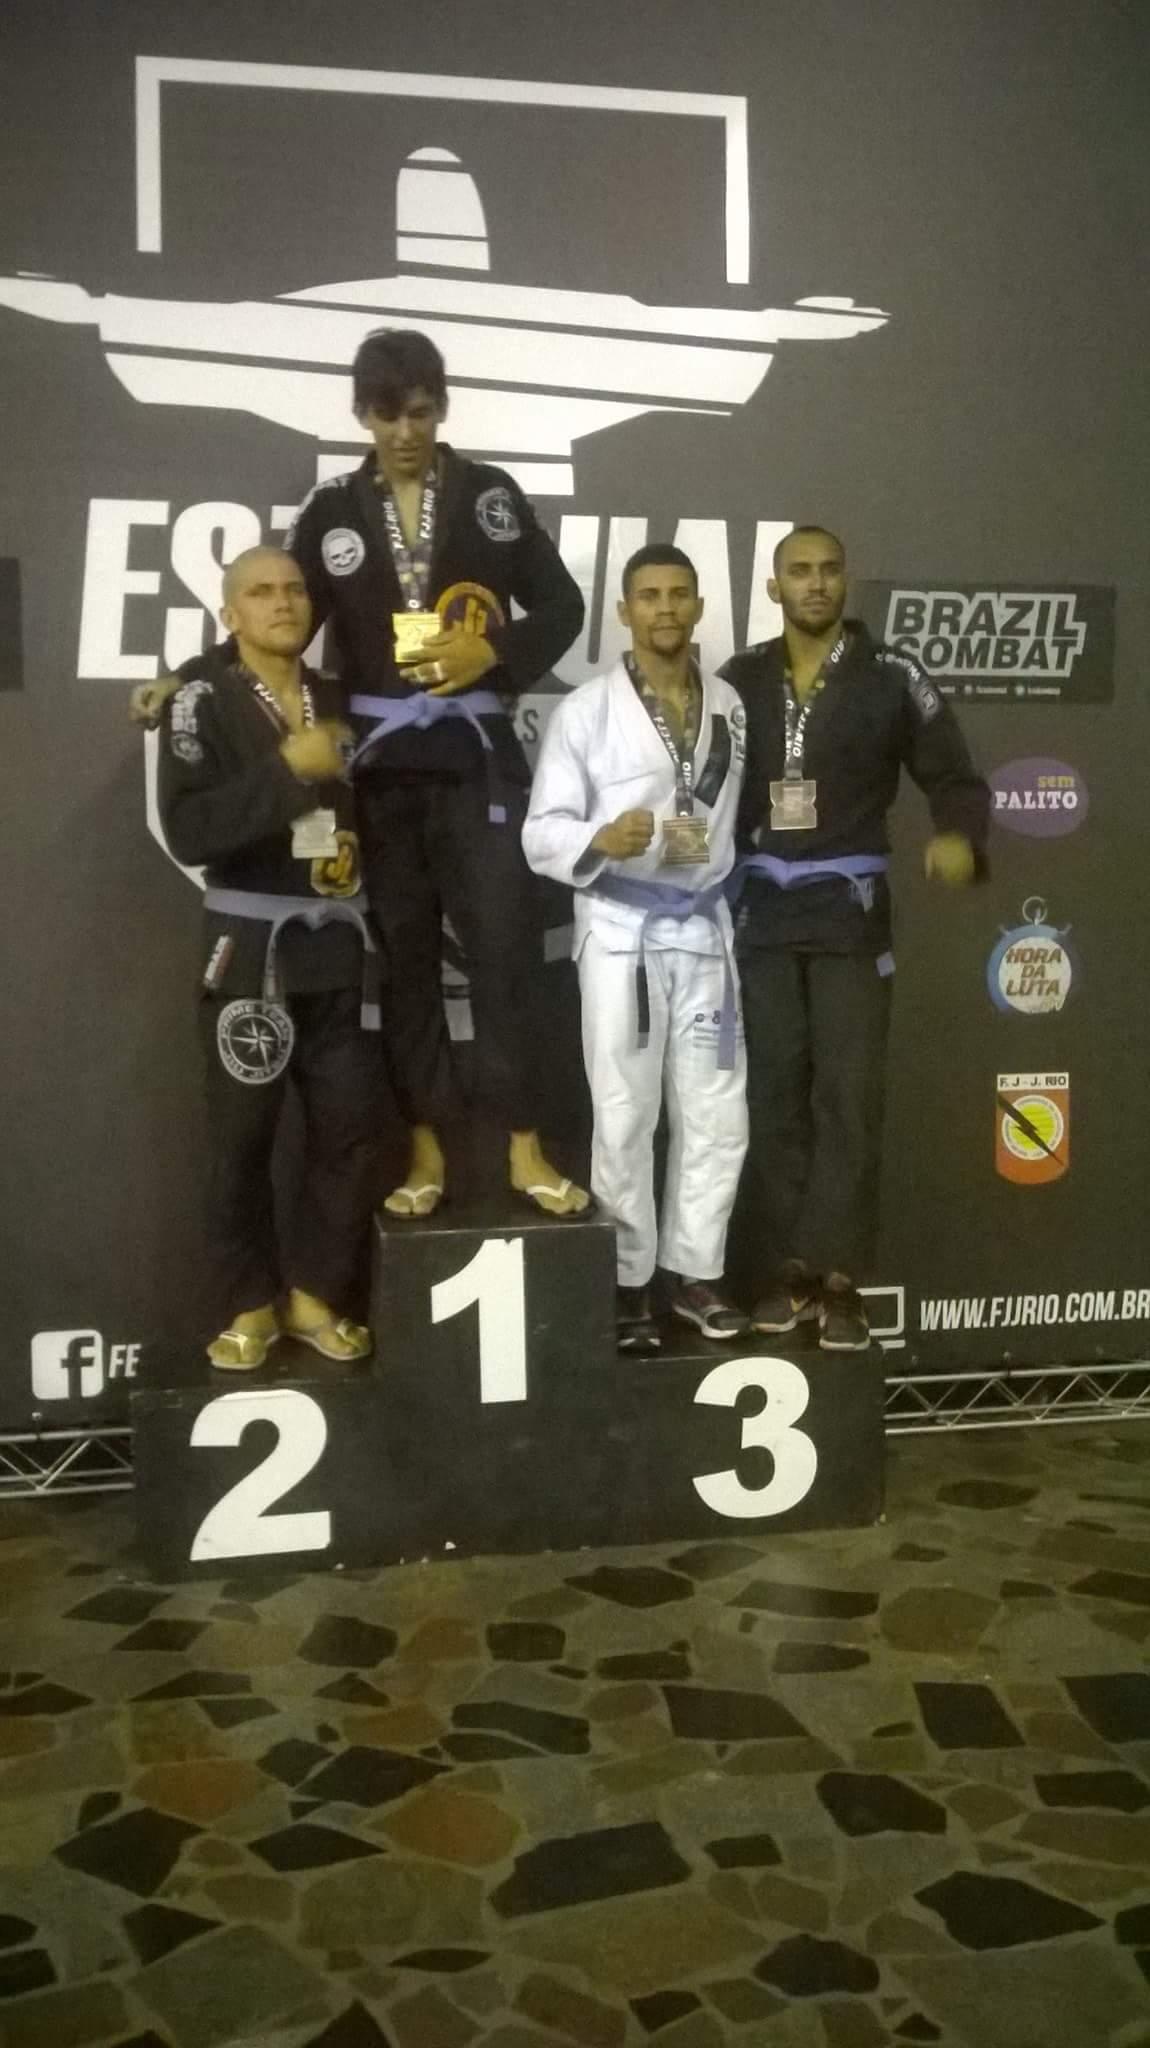 Morador de Laranjais conquista 3° lugar no Jiu Jitsu F J-J RIO2017.